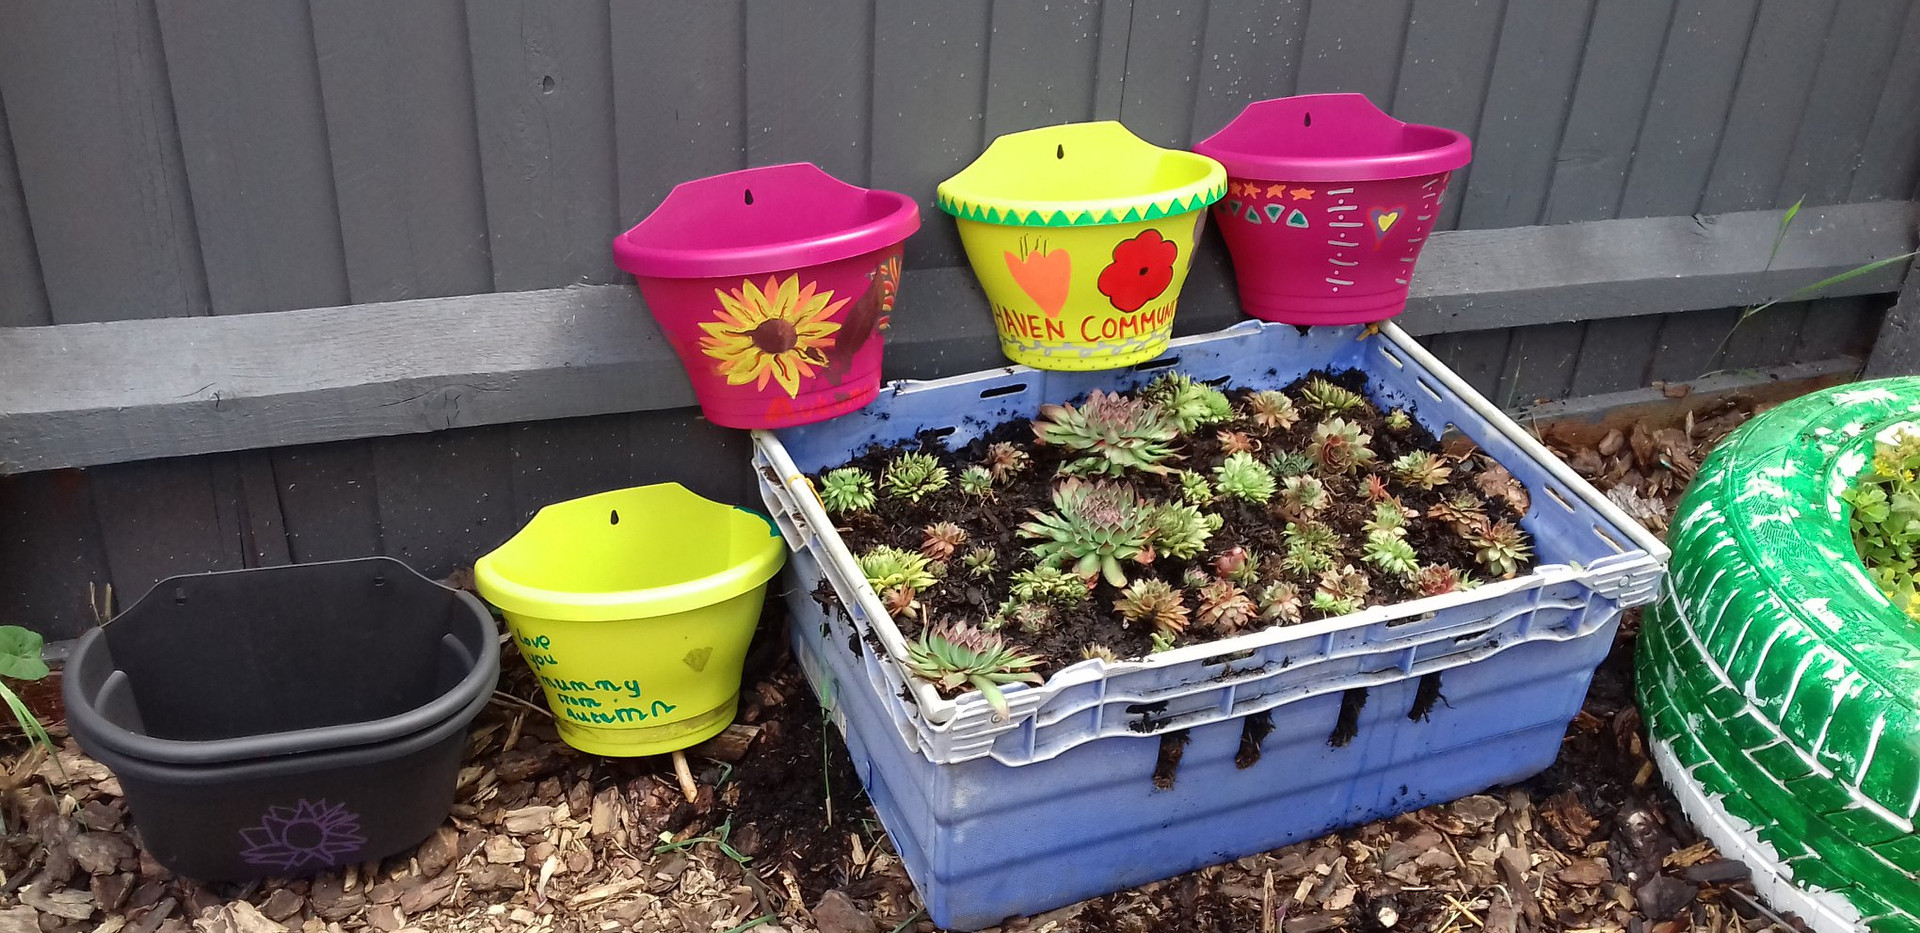 Children's gardening activities